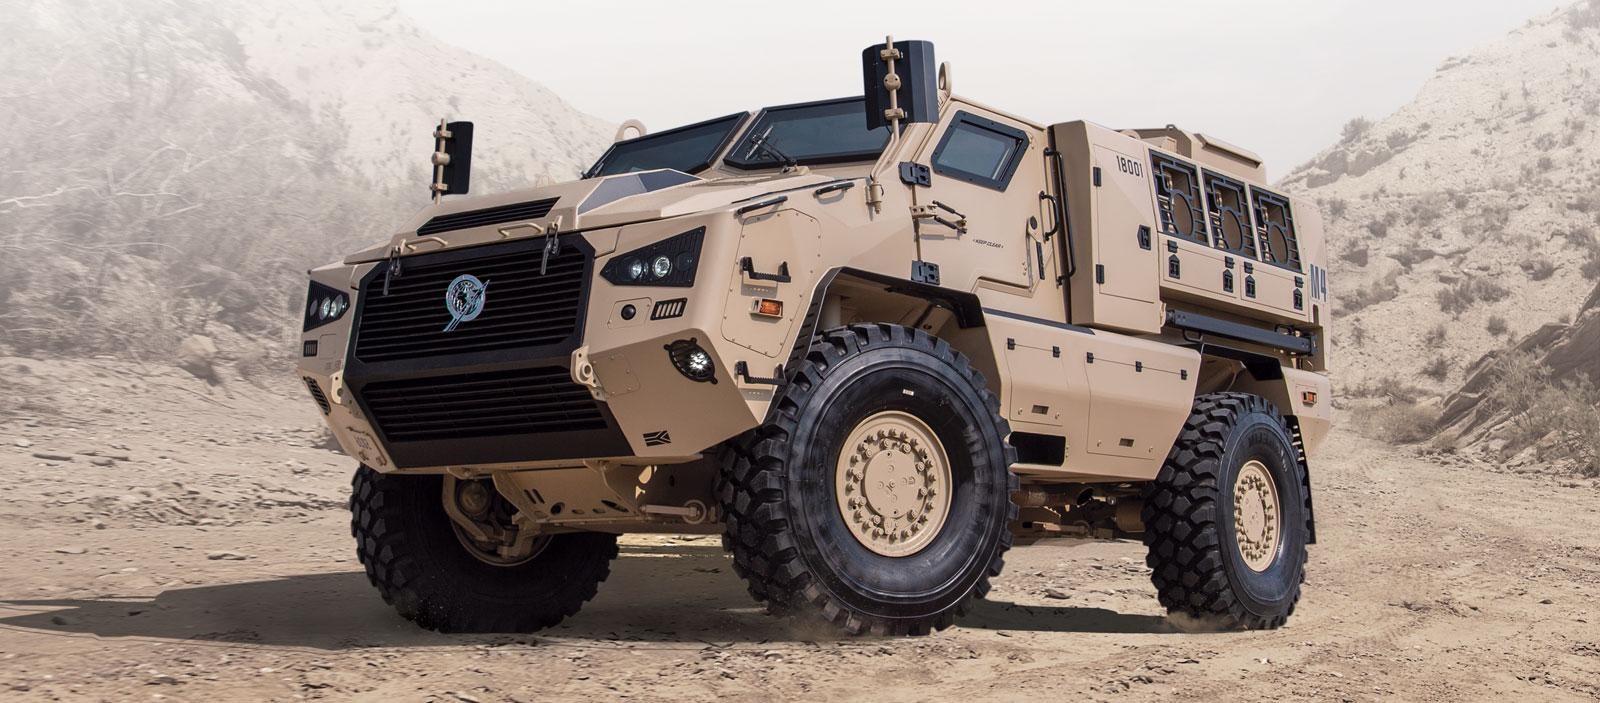 Kalyani M4 — All Terrain MPV for Army